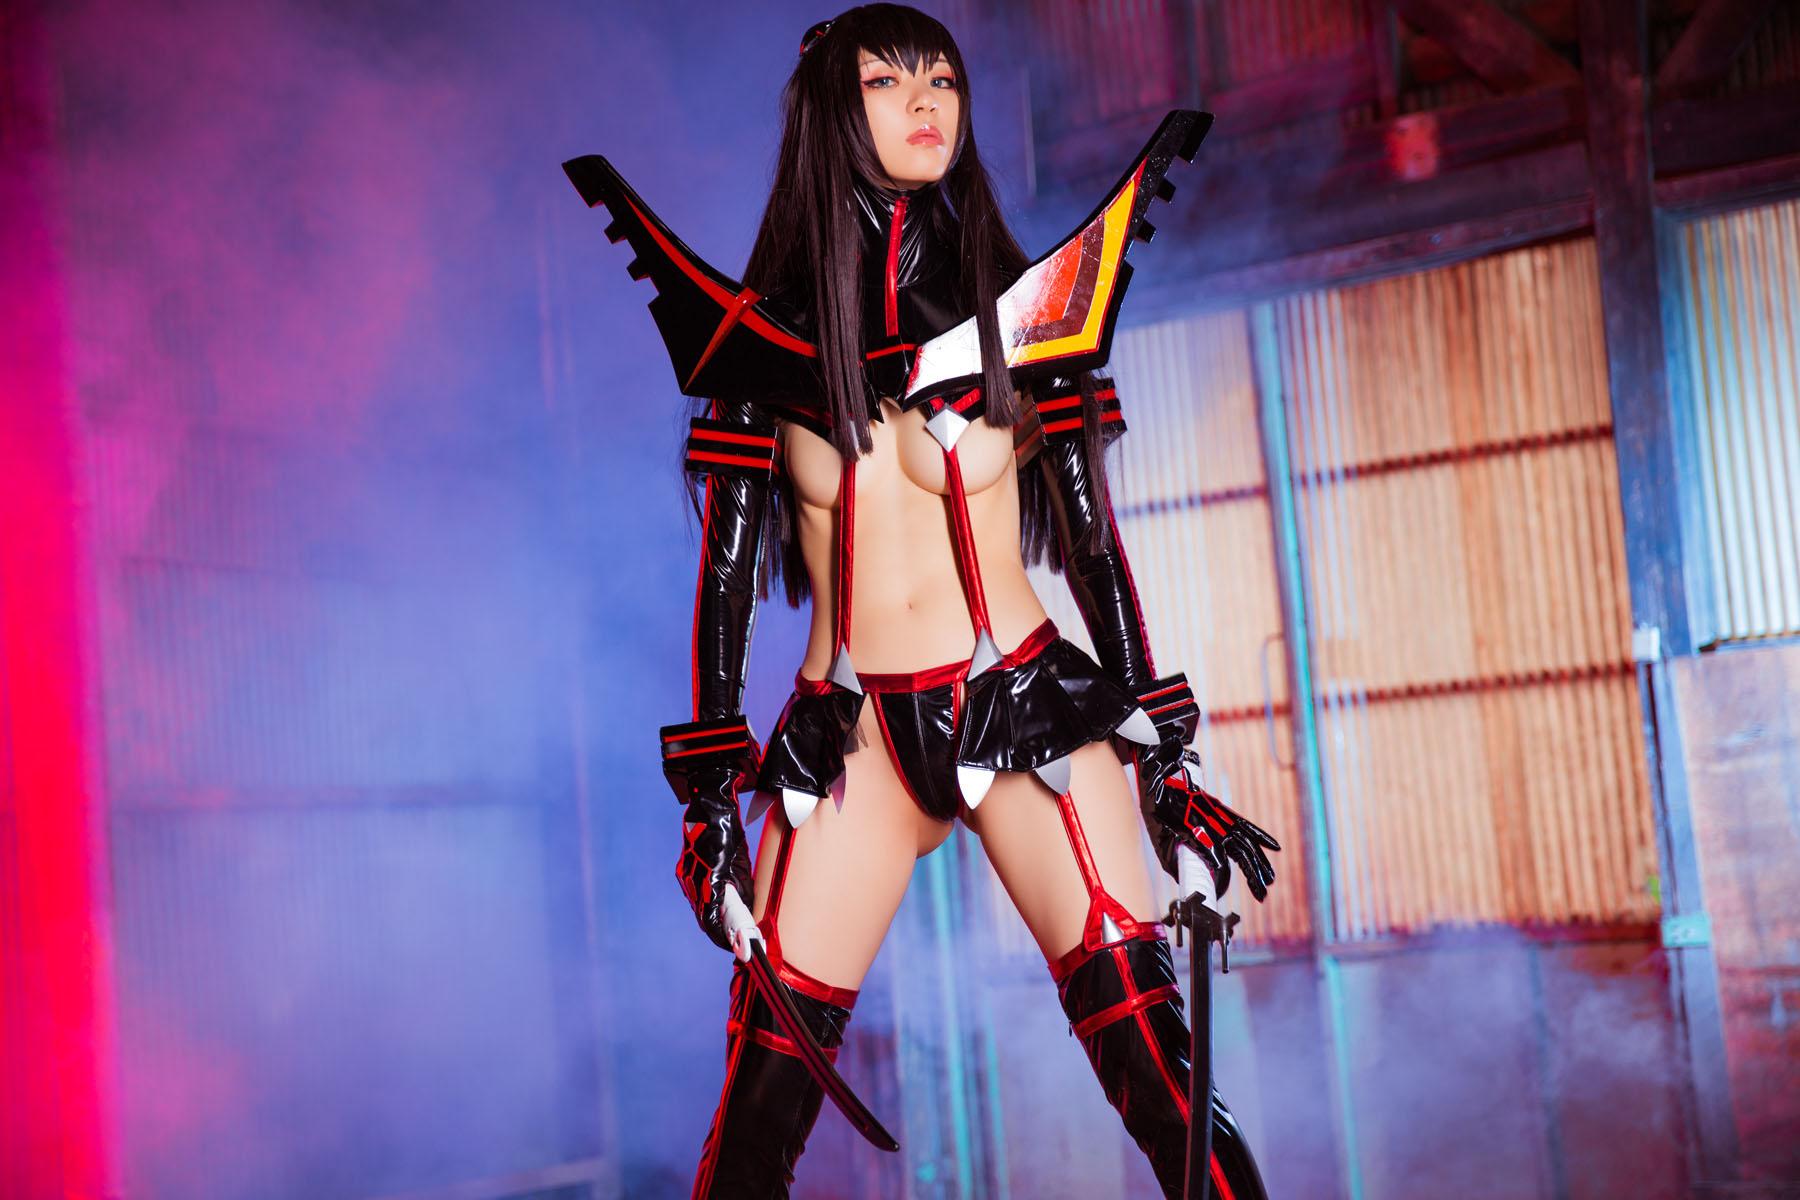 Kill la Kill Satsuki Kiryuuin anime cosplay by Mikehouse 0031